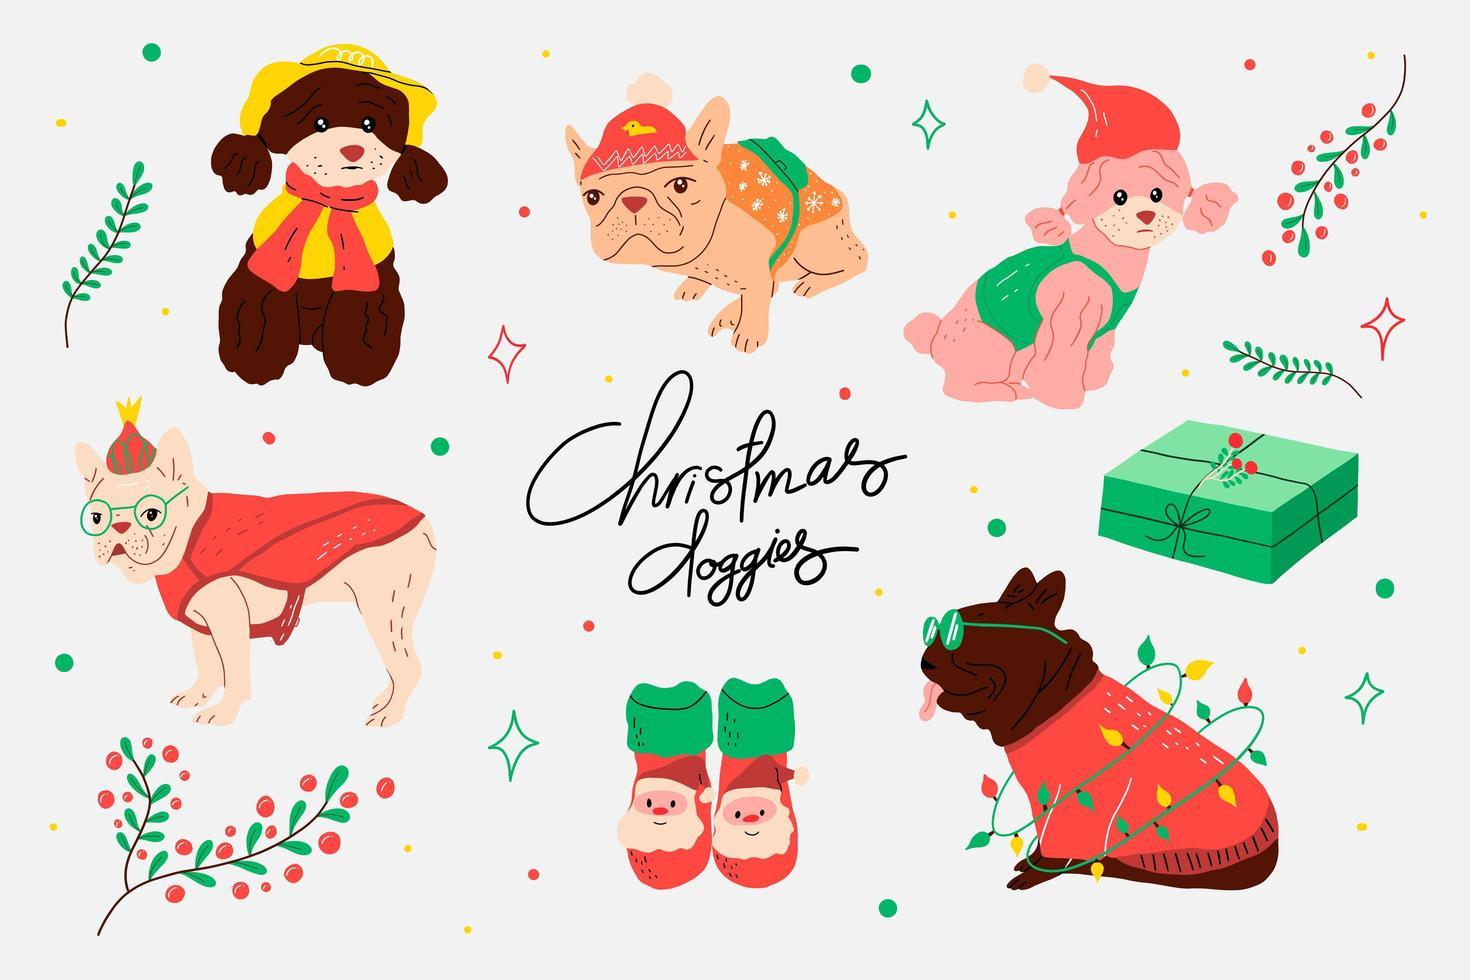 conjunto de disfraces navideños para perros vector